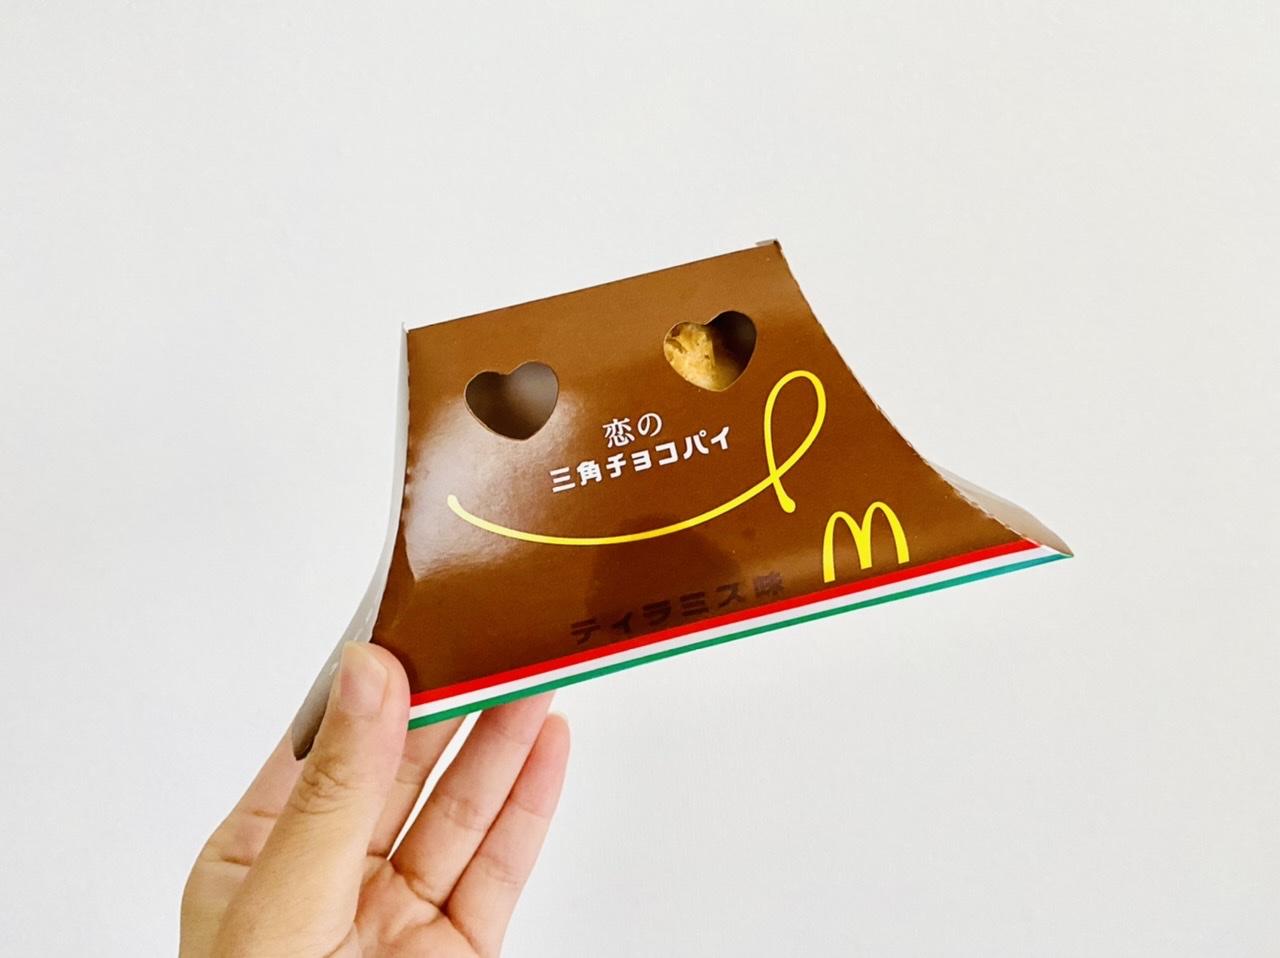 【マクドナルド】恋のおみくじ付き♡《三角チョコパイ ティラミス味》が新登場★_4